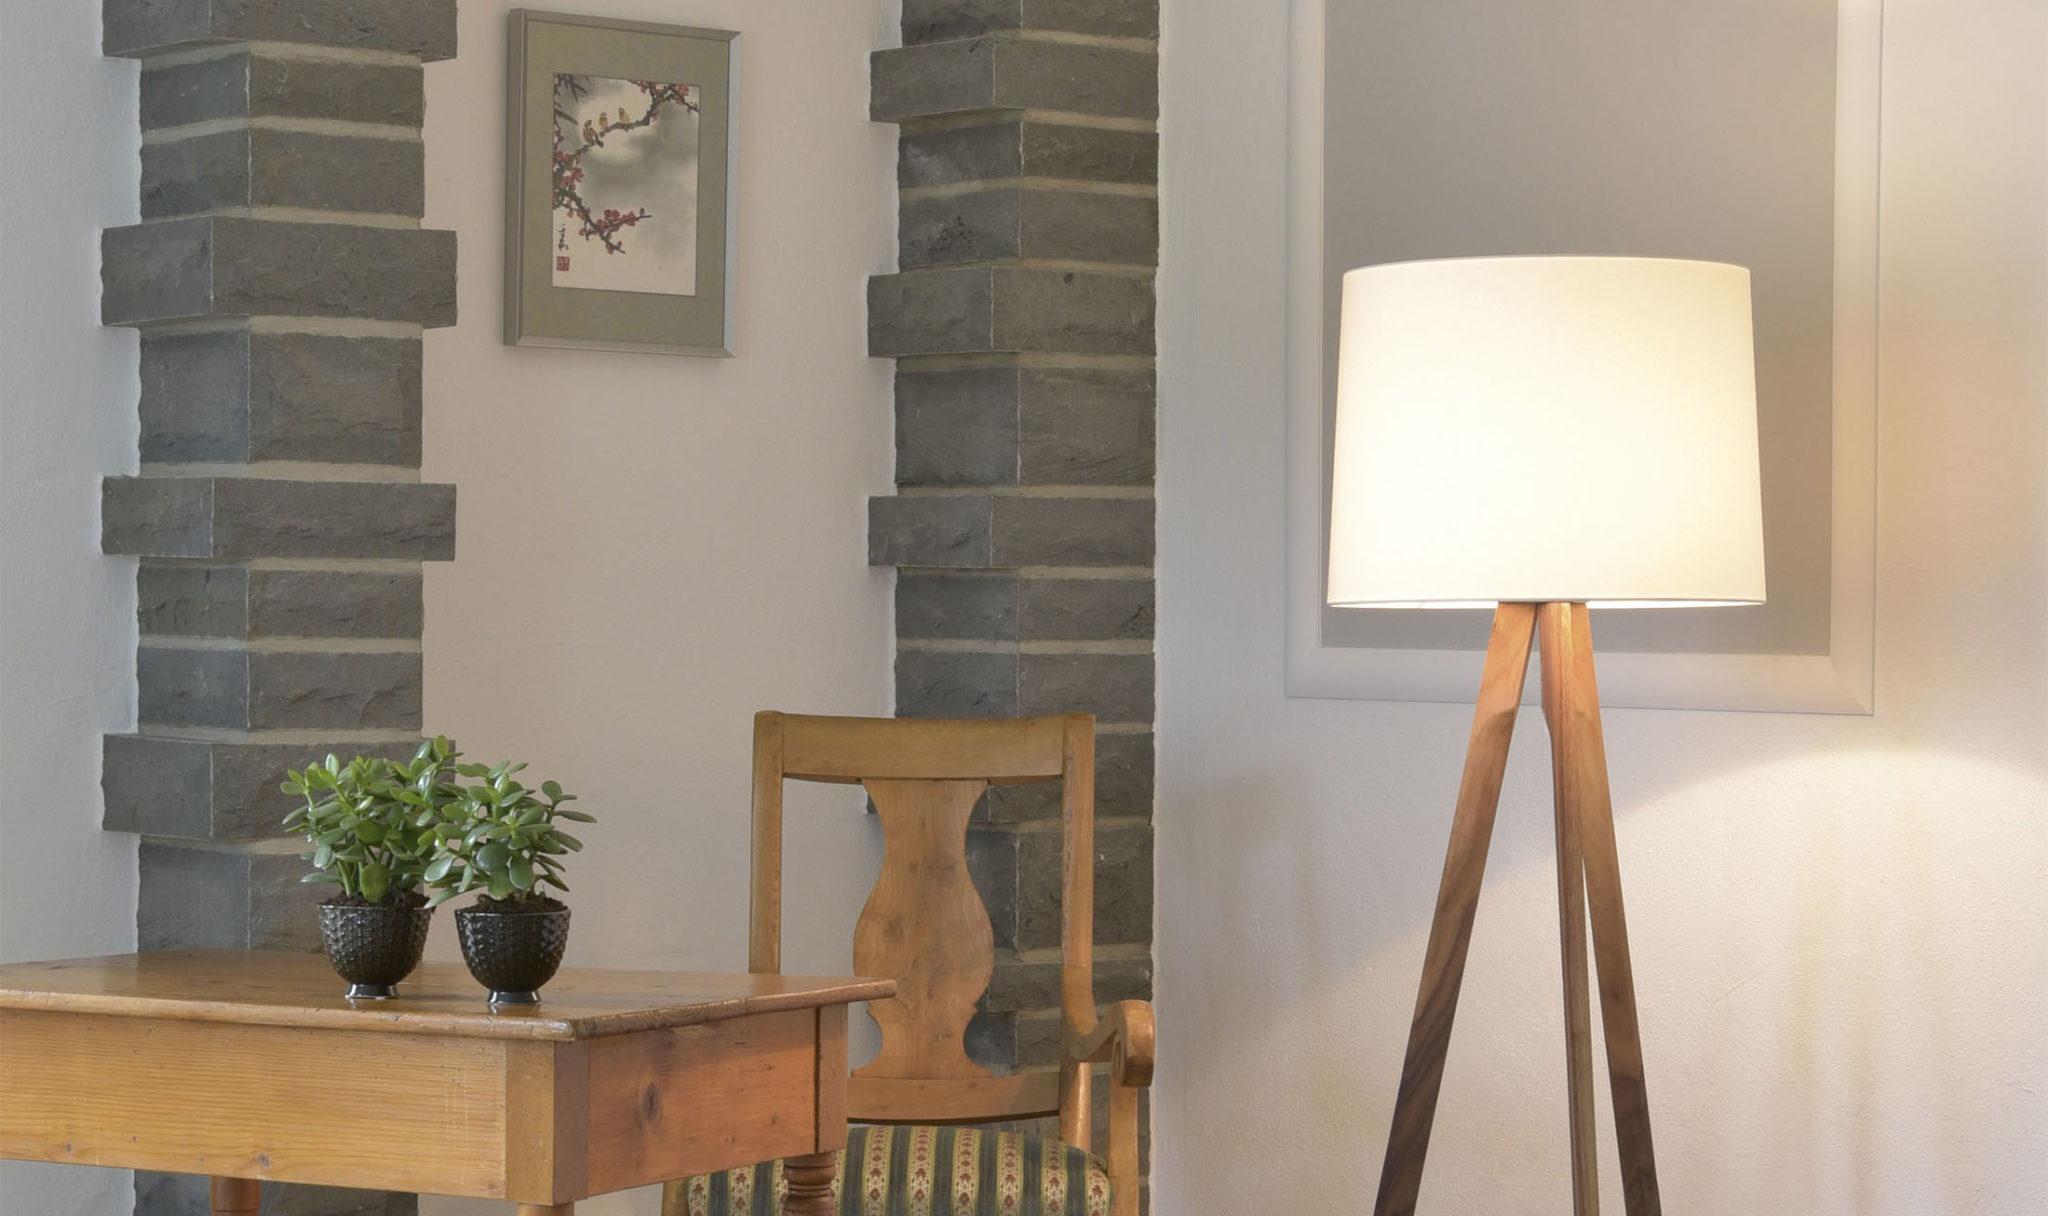 Home herzblut gmbh - Gelsenkirchener barock wohnzimmer ...